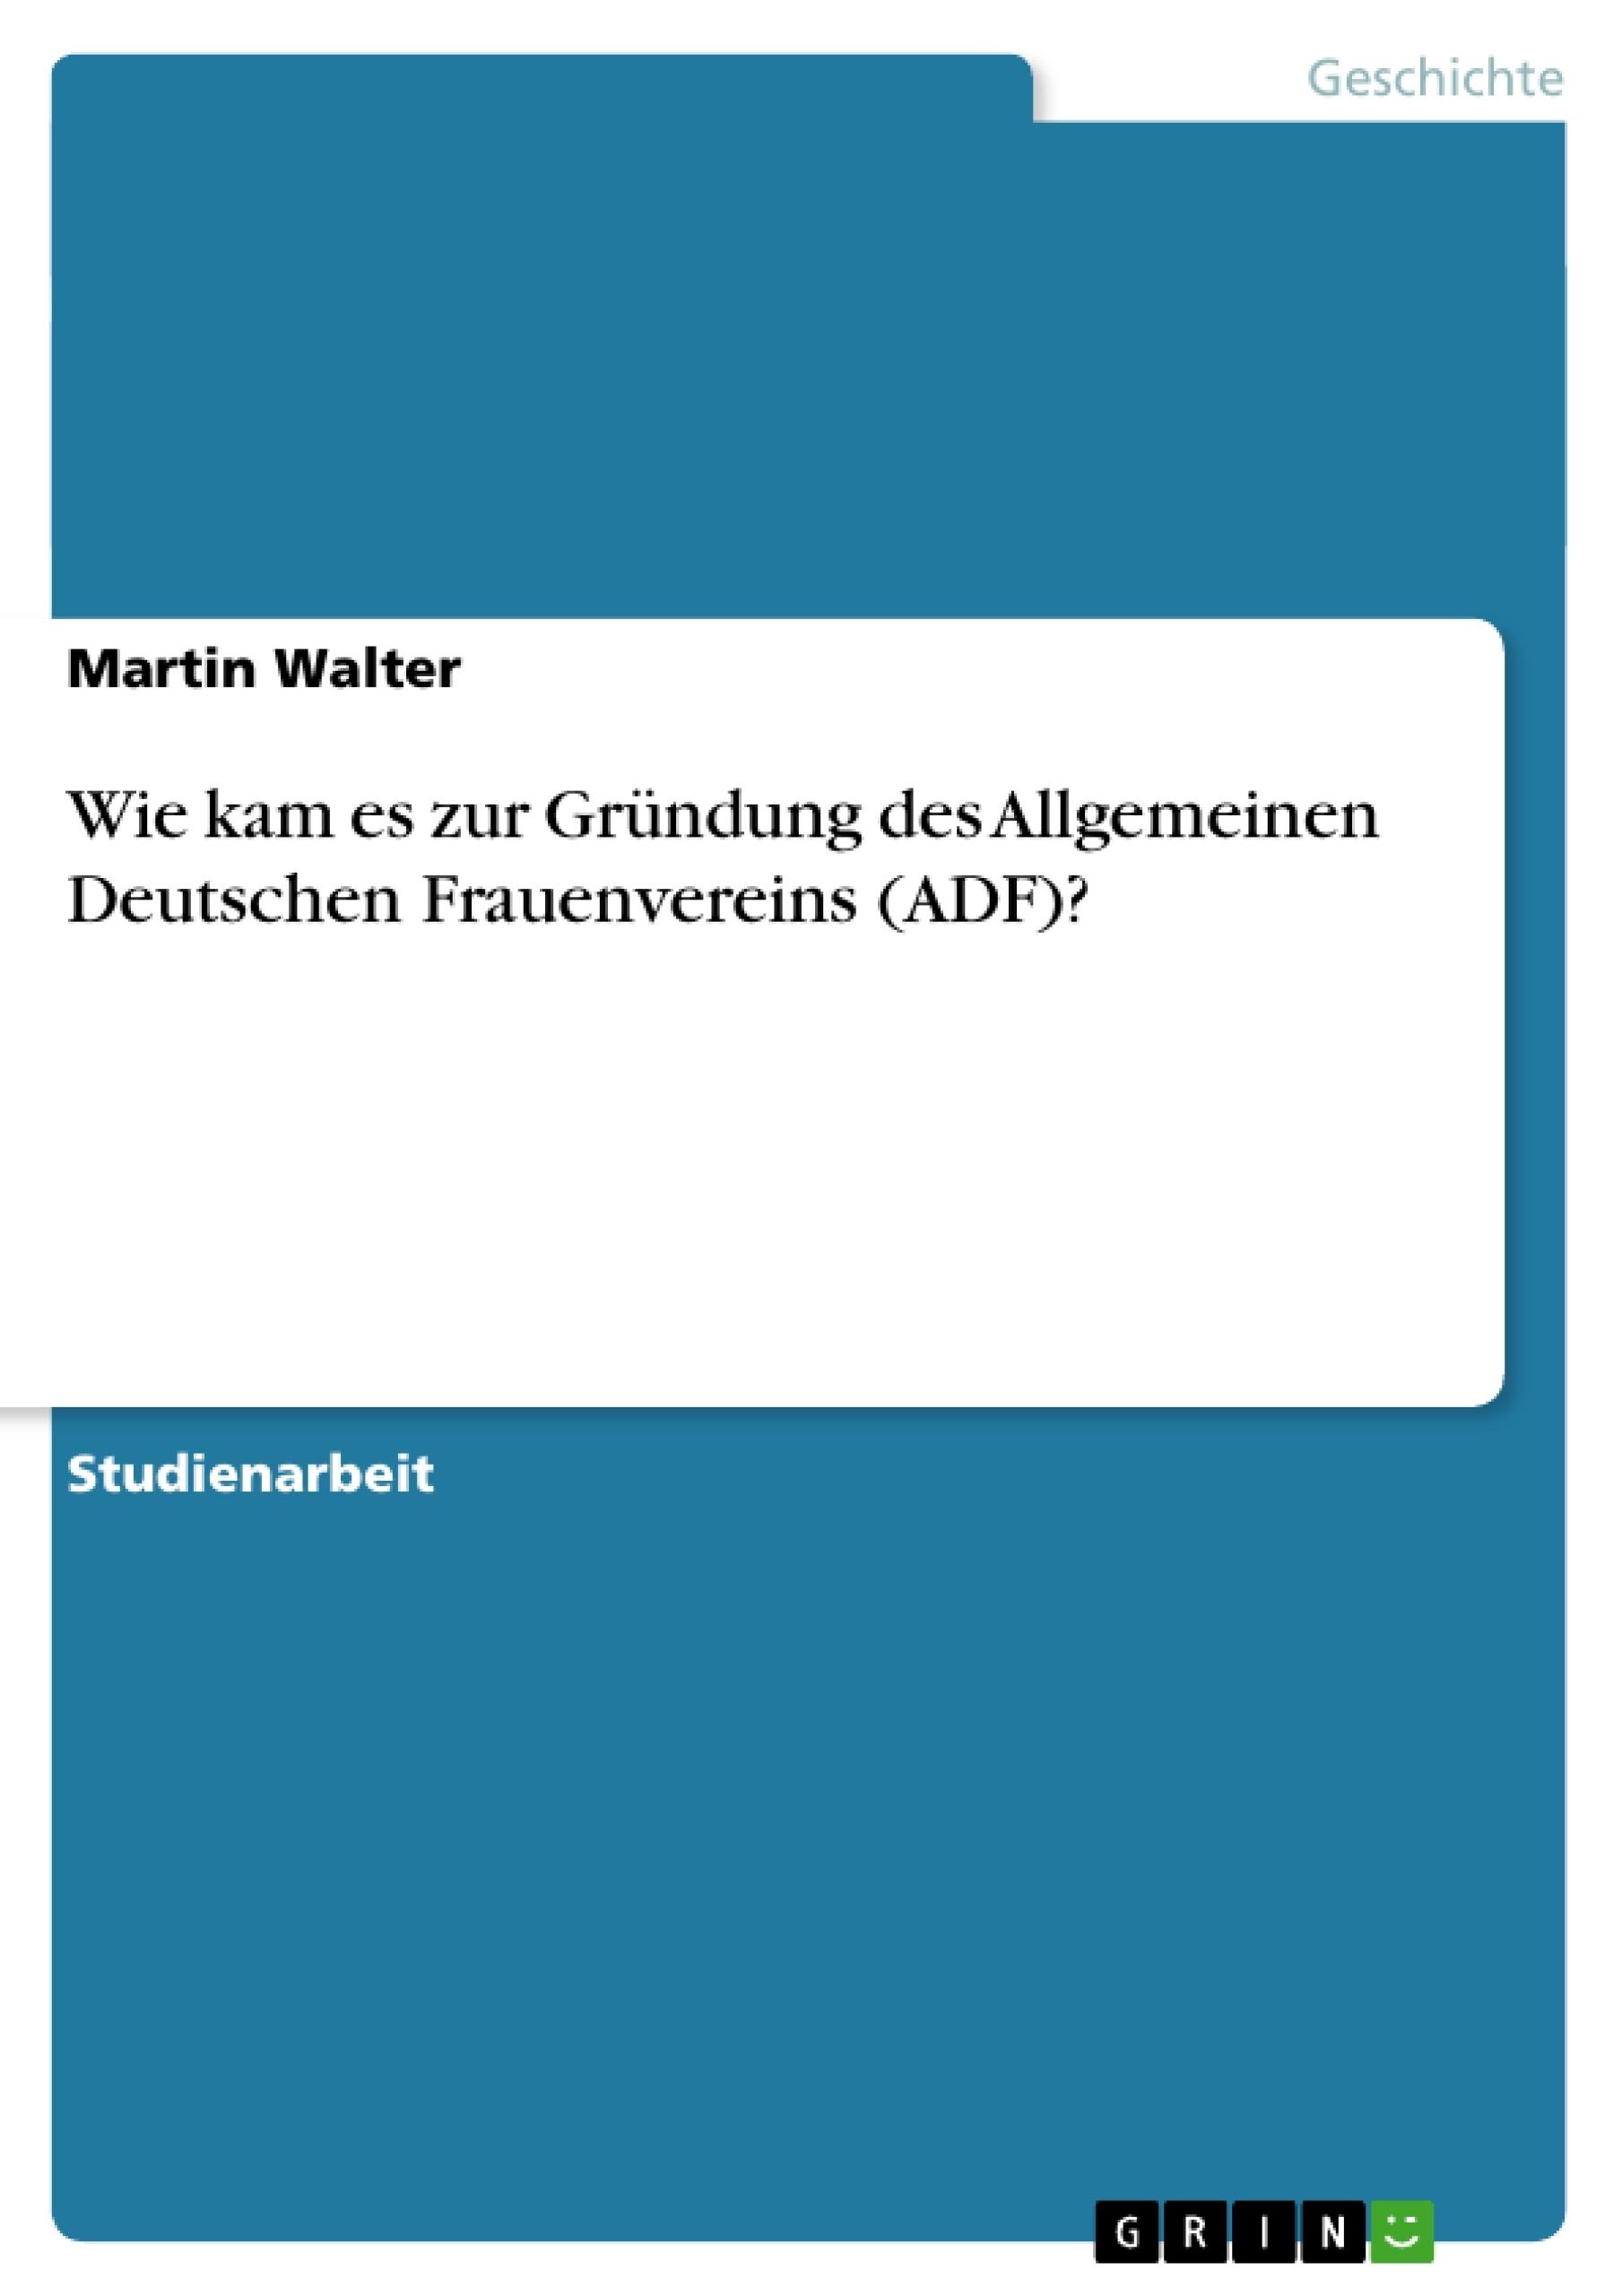 Titel: Wie kam es zur Gründung des Allgemeinen Deutschen Frauenvereins (ADF)?